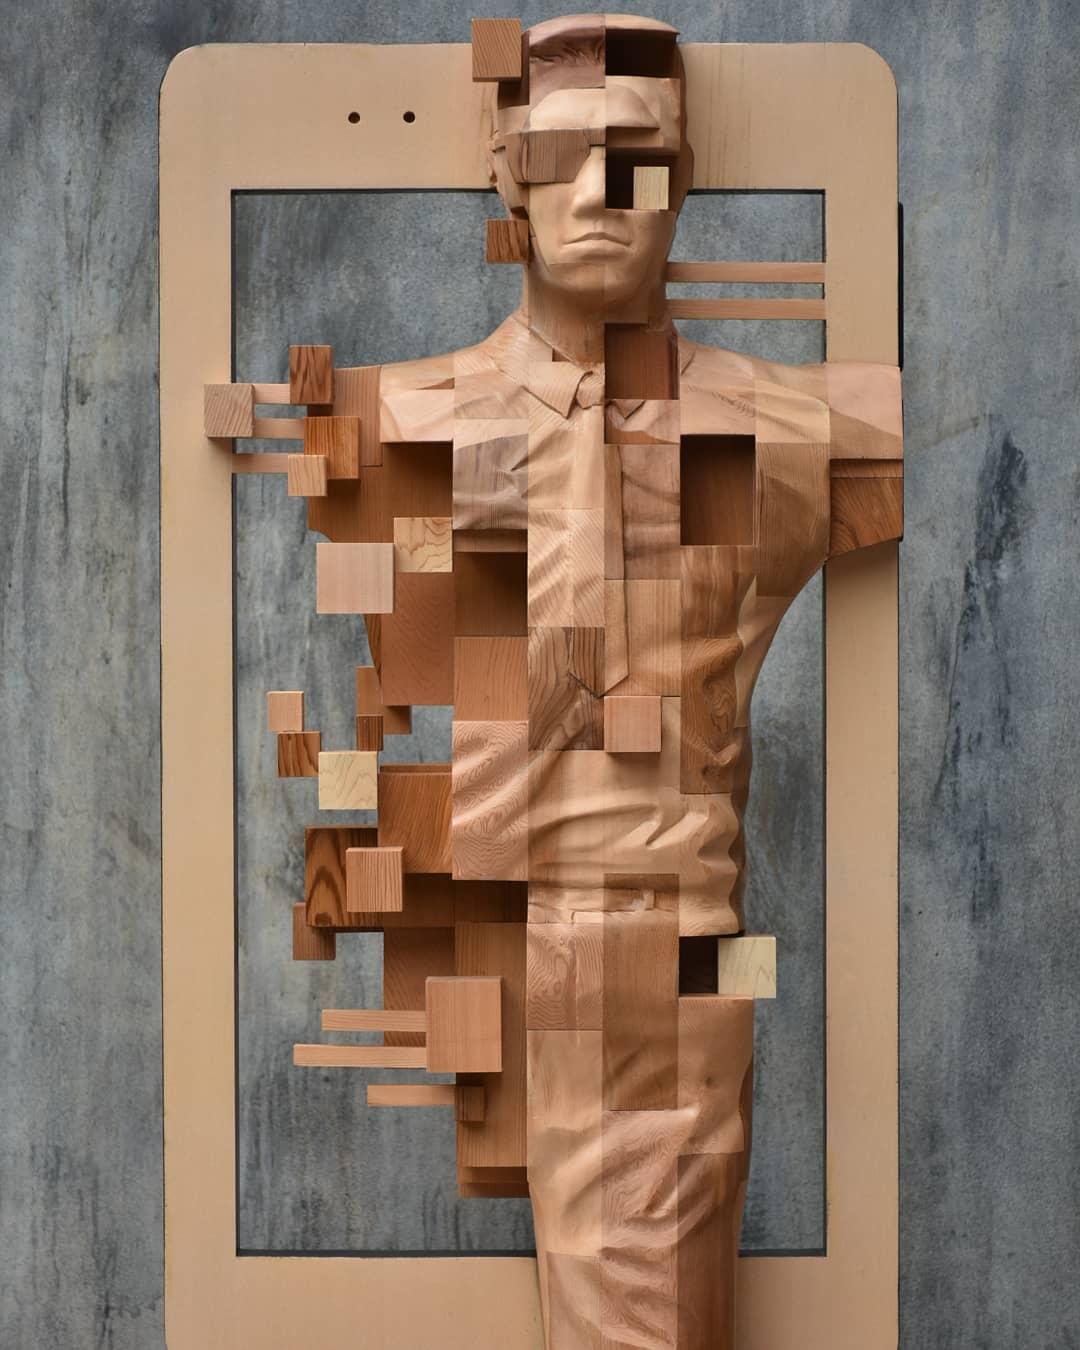 台灣藝術家「把木雕像素化」 變成碎片的「兵馬俑」紅到國外!